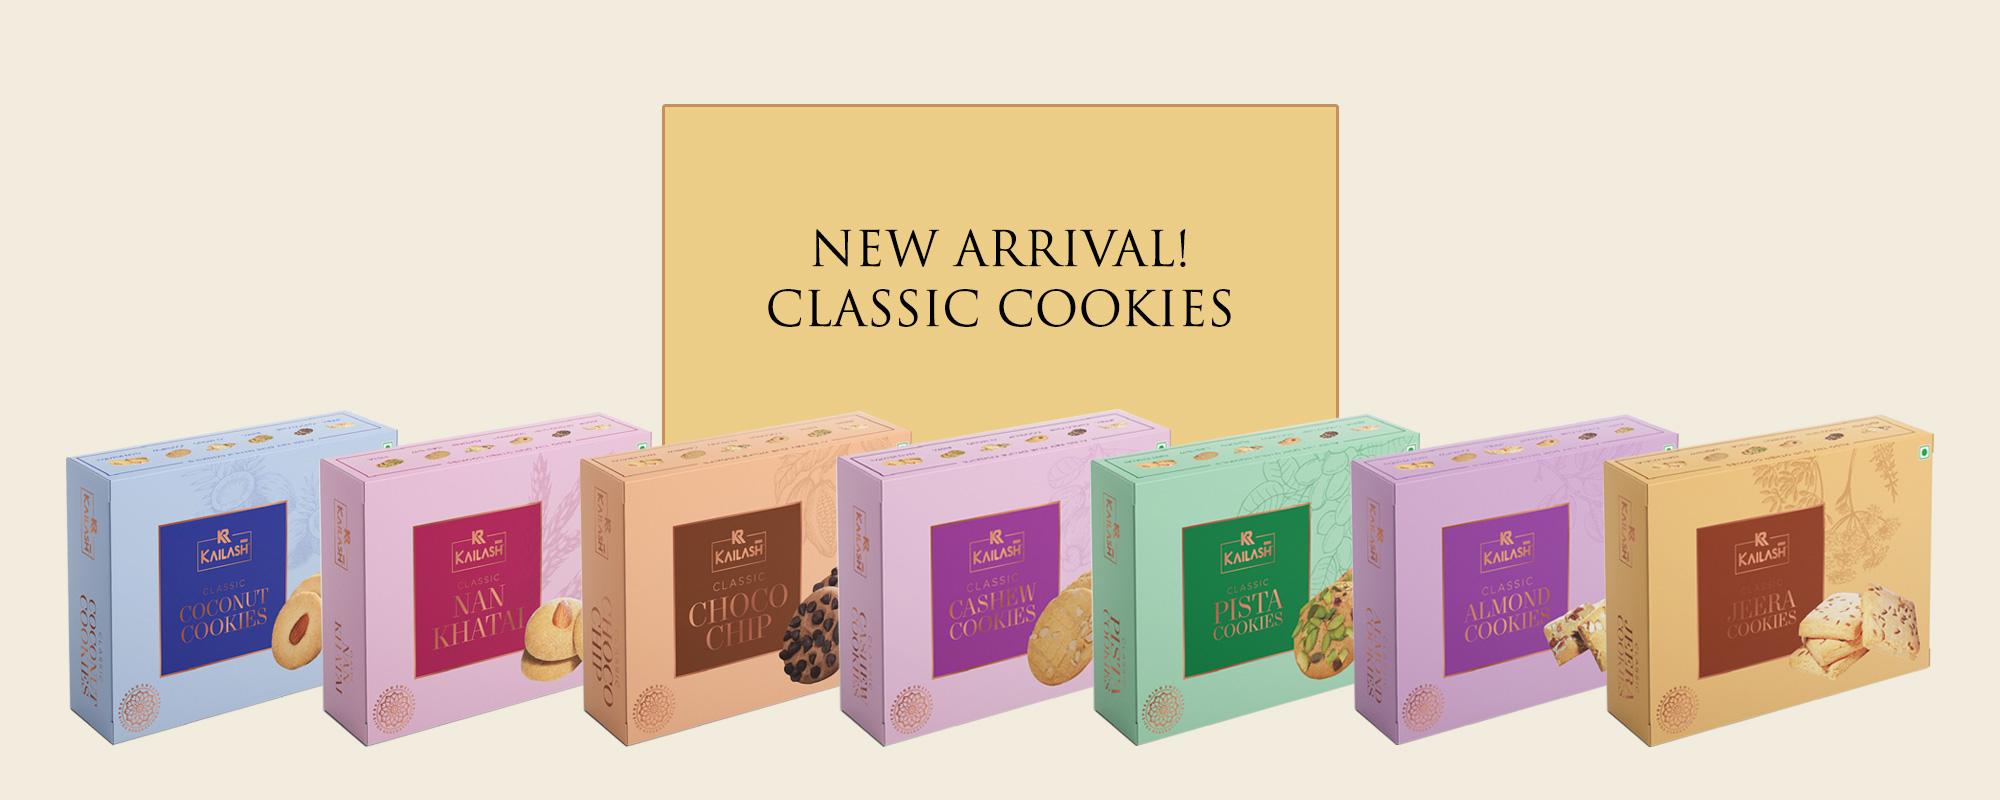 Buy Namkeens in Surat, India